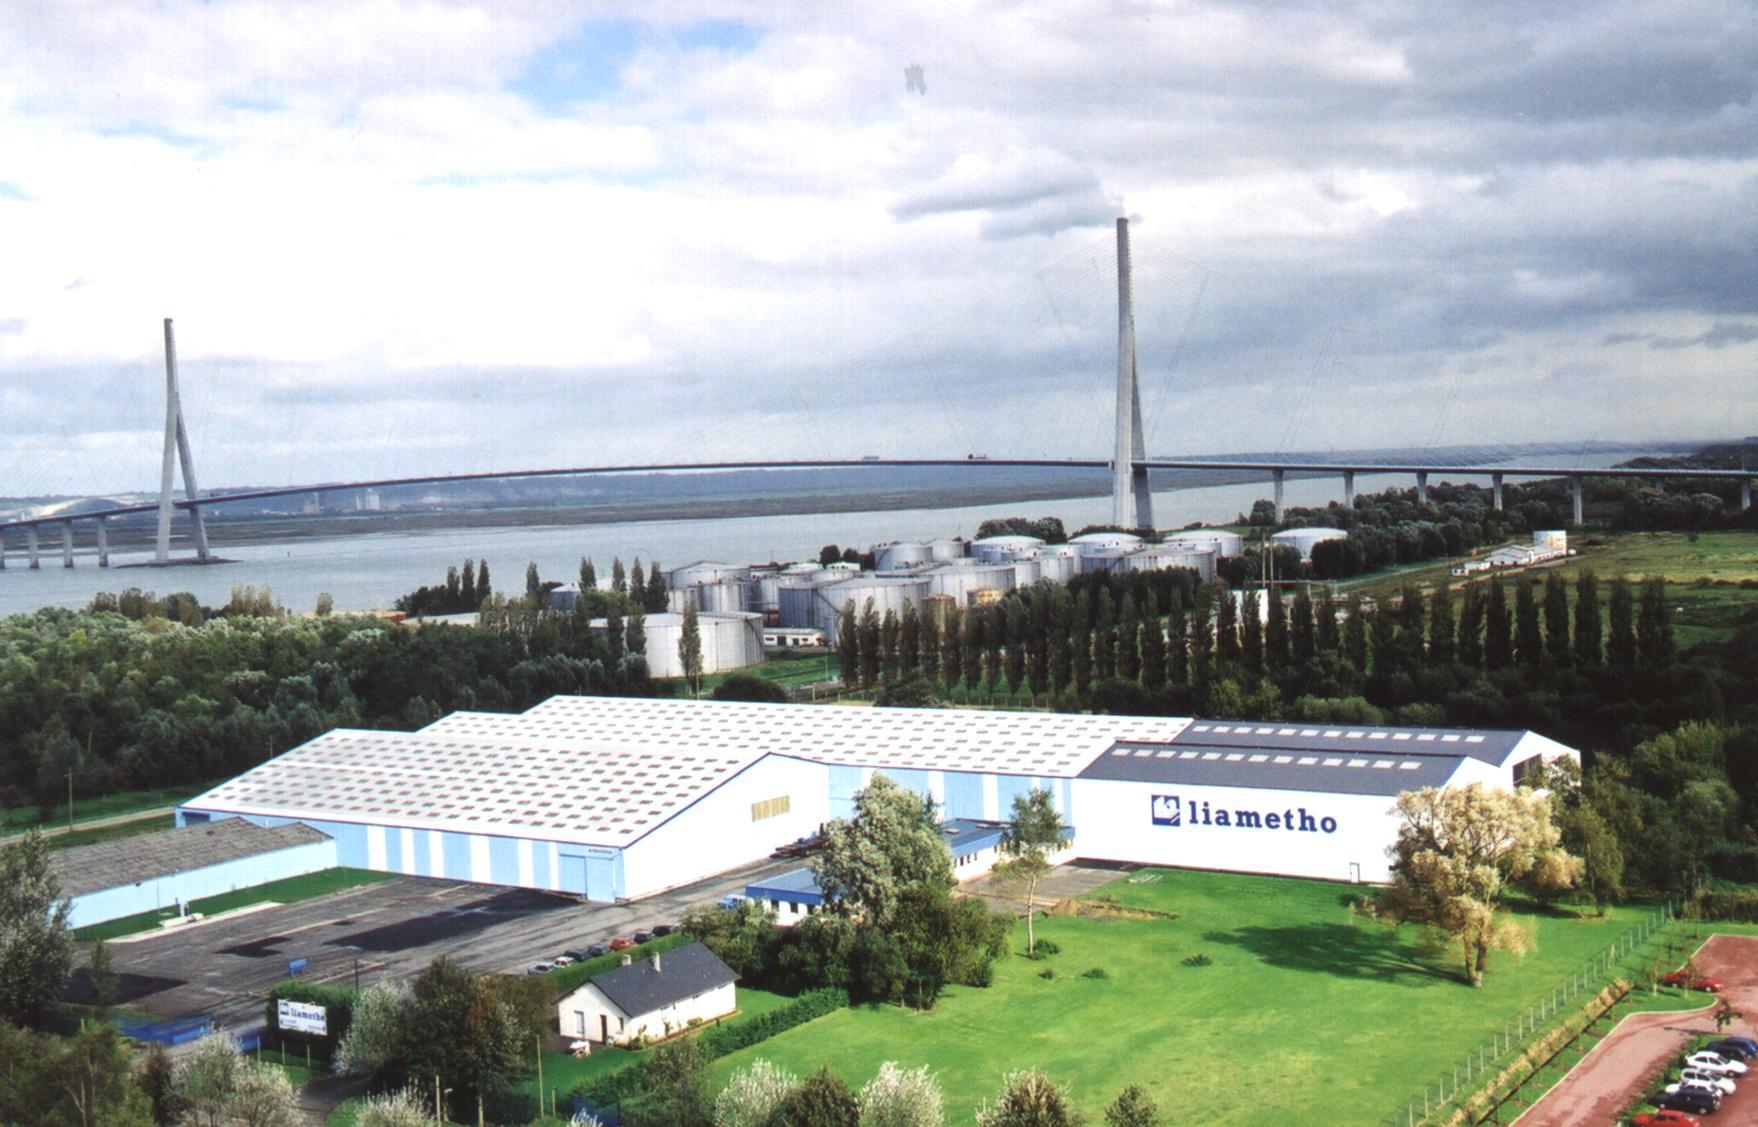 photo de l'entrepôt de Liametho aux pieds du pond de Normandie